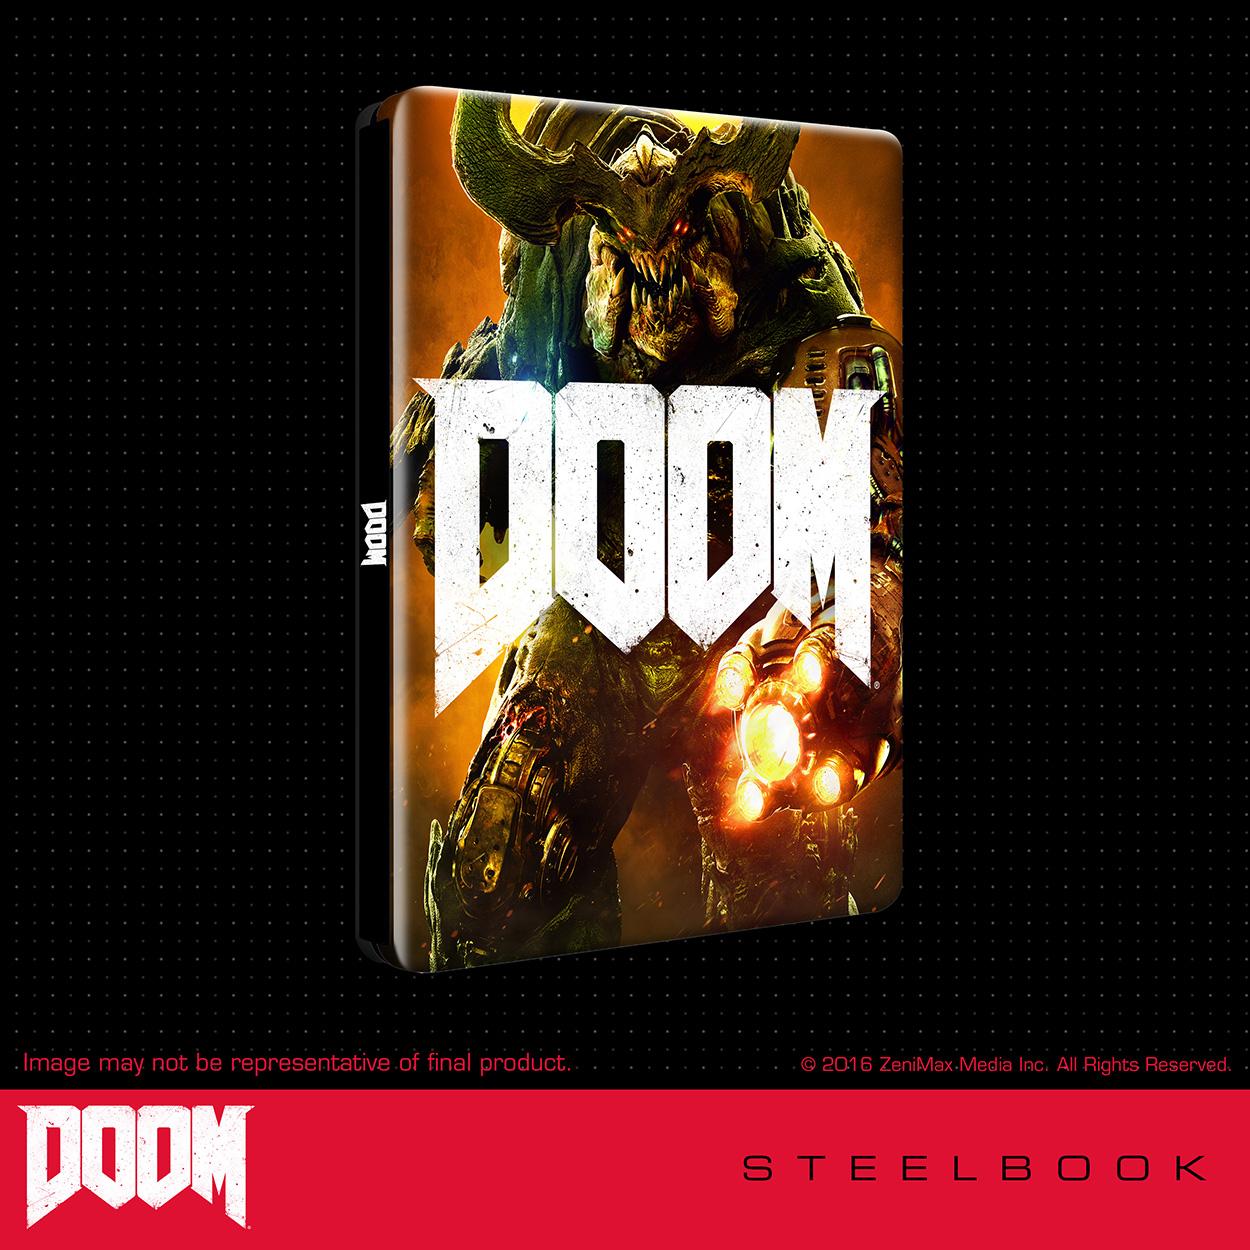 Steelbook - DOOM